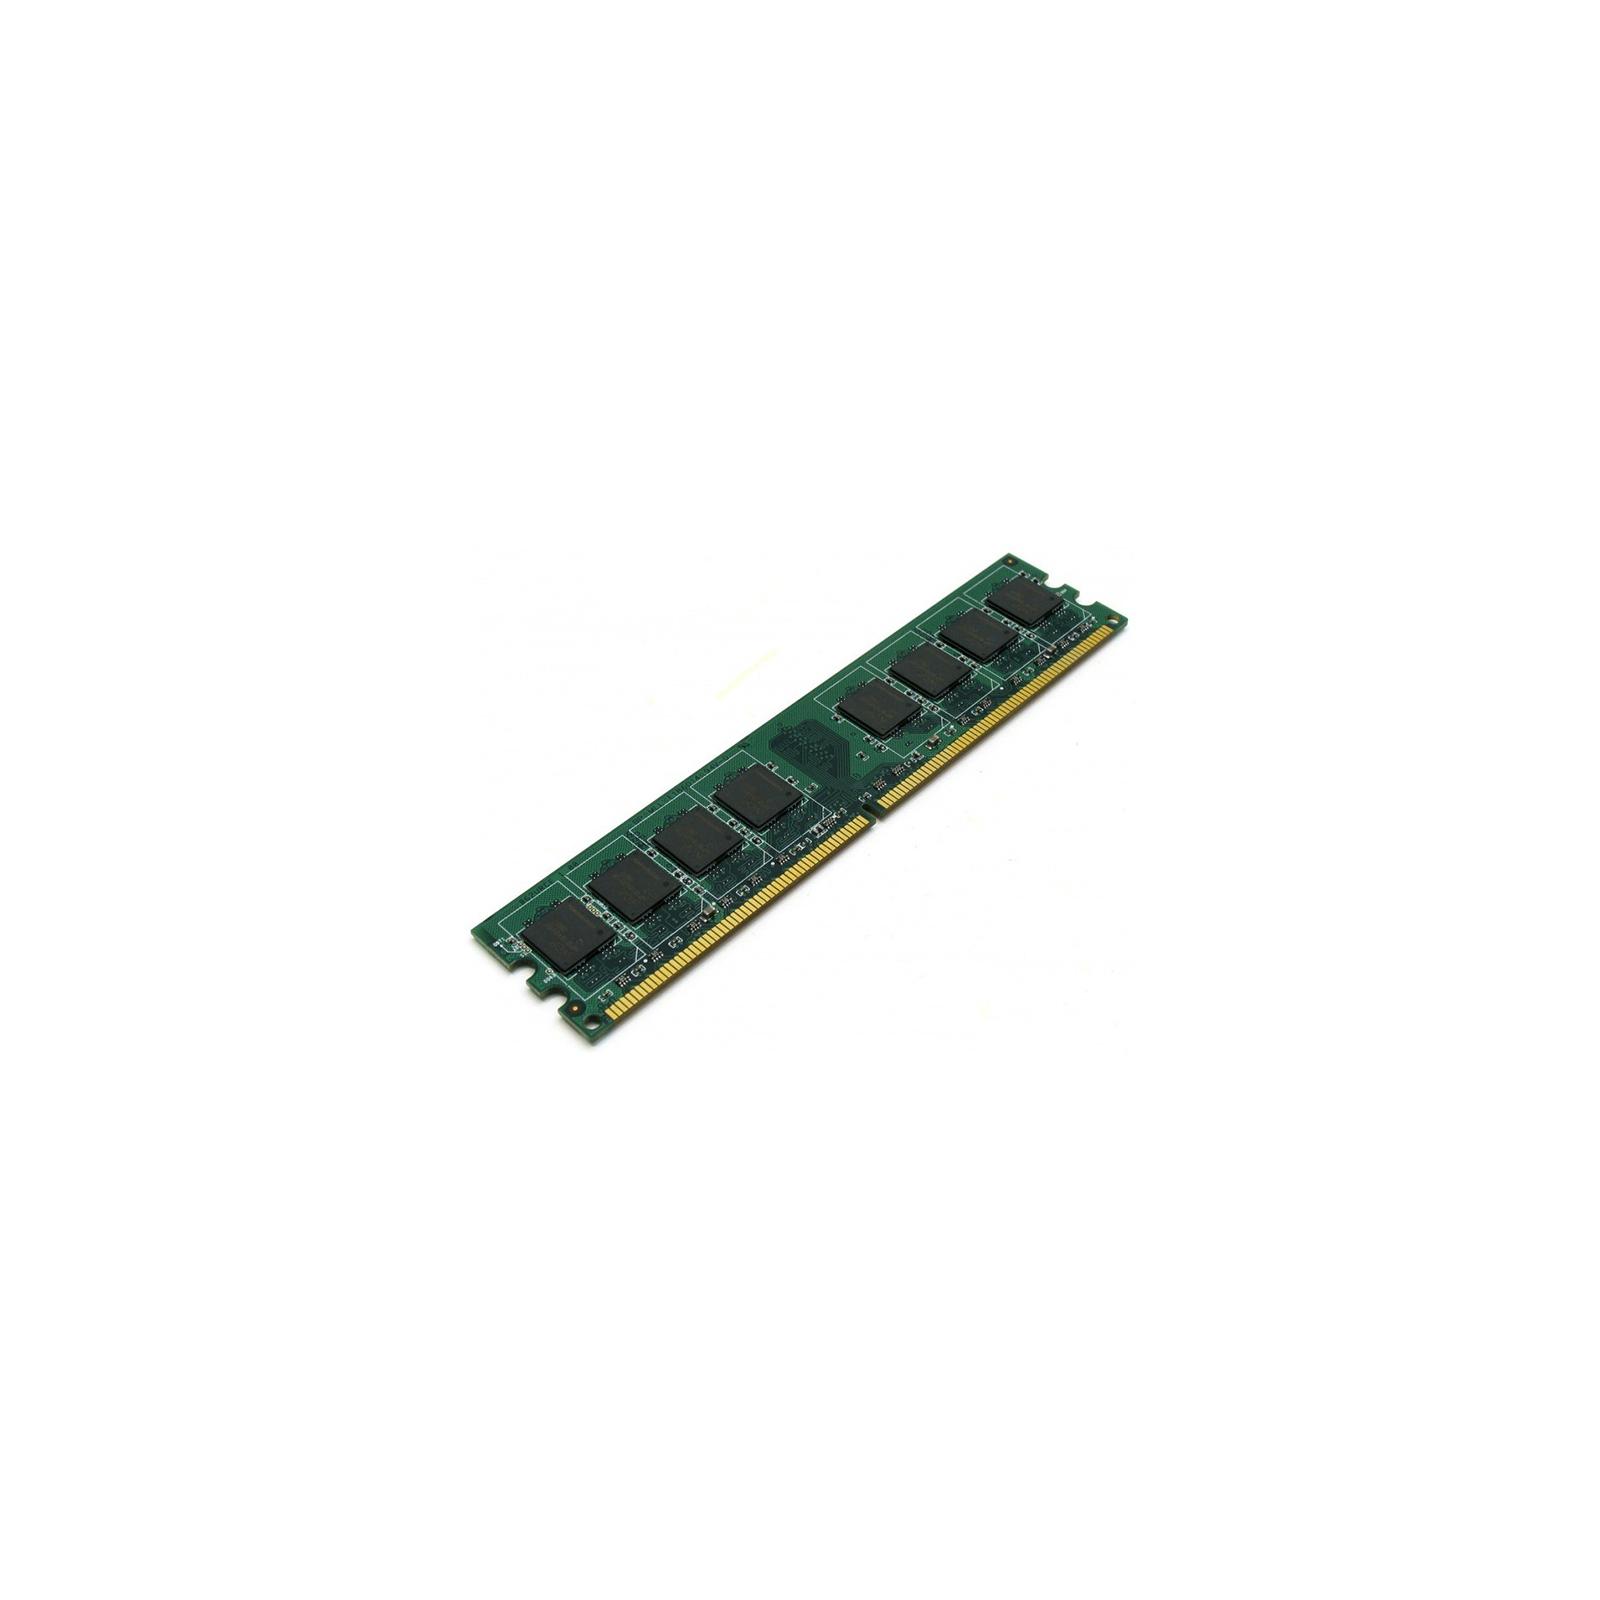 Модуль памяти для компьютера 2048Mb NCP (NCPT8AUDR-25M88)